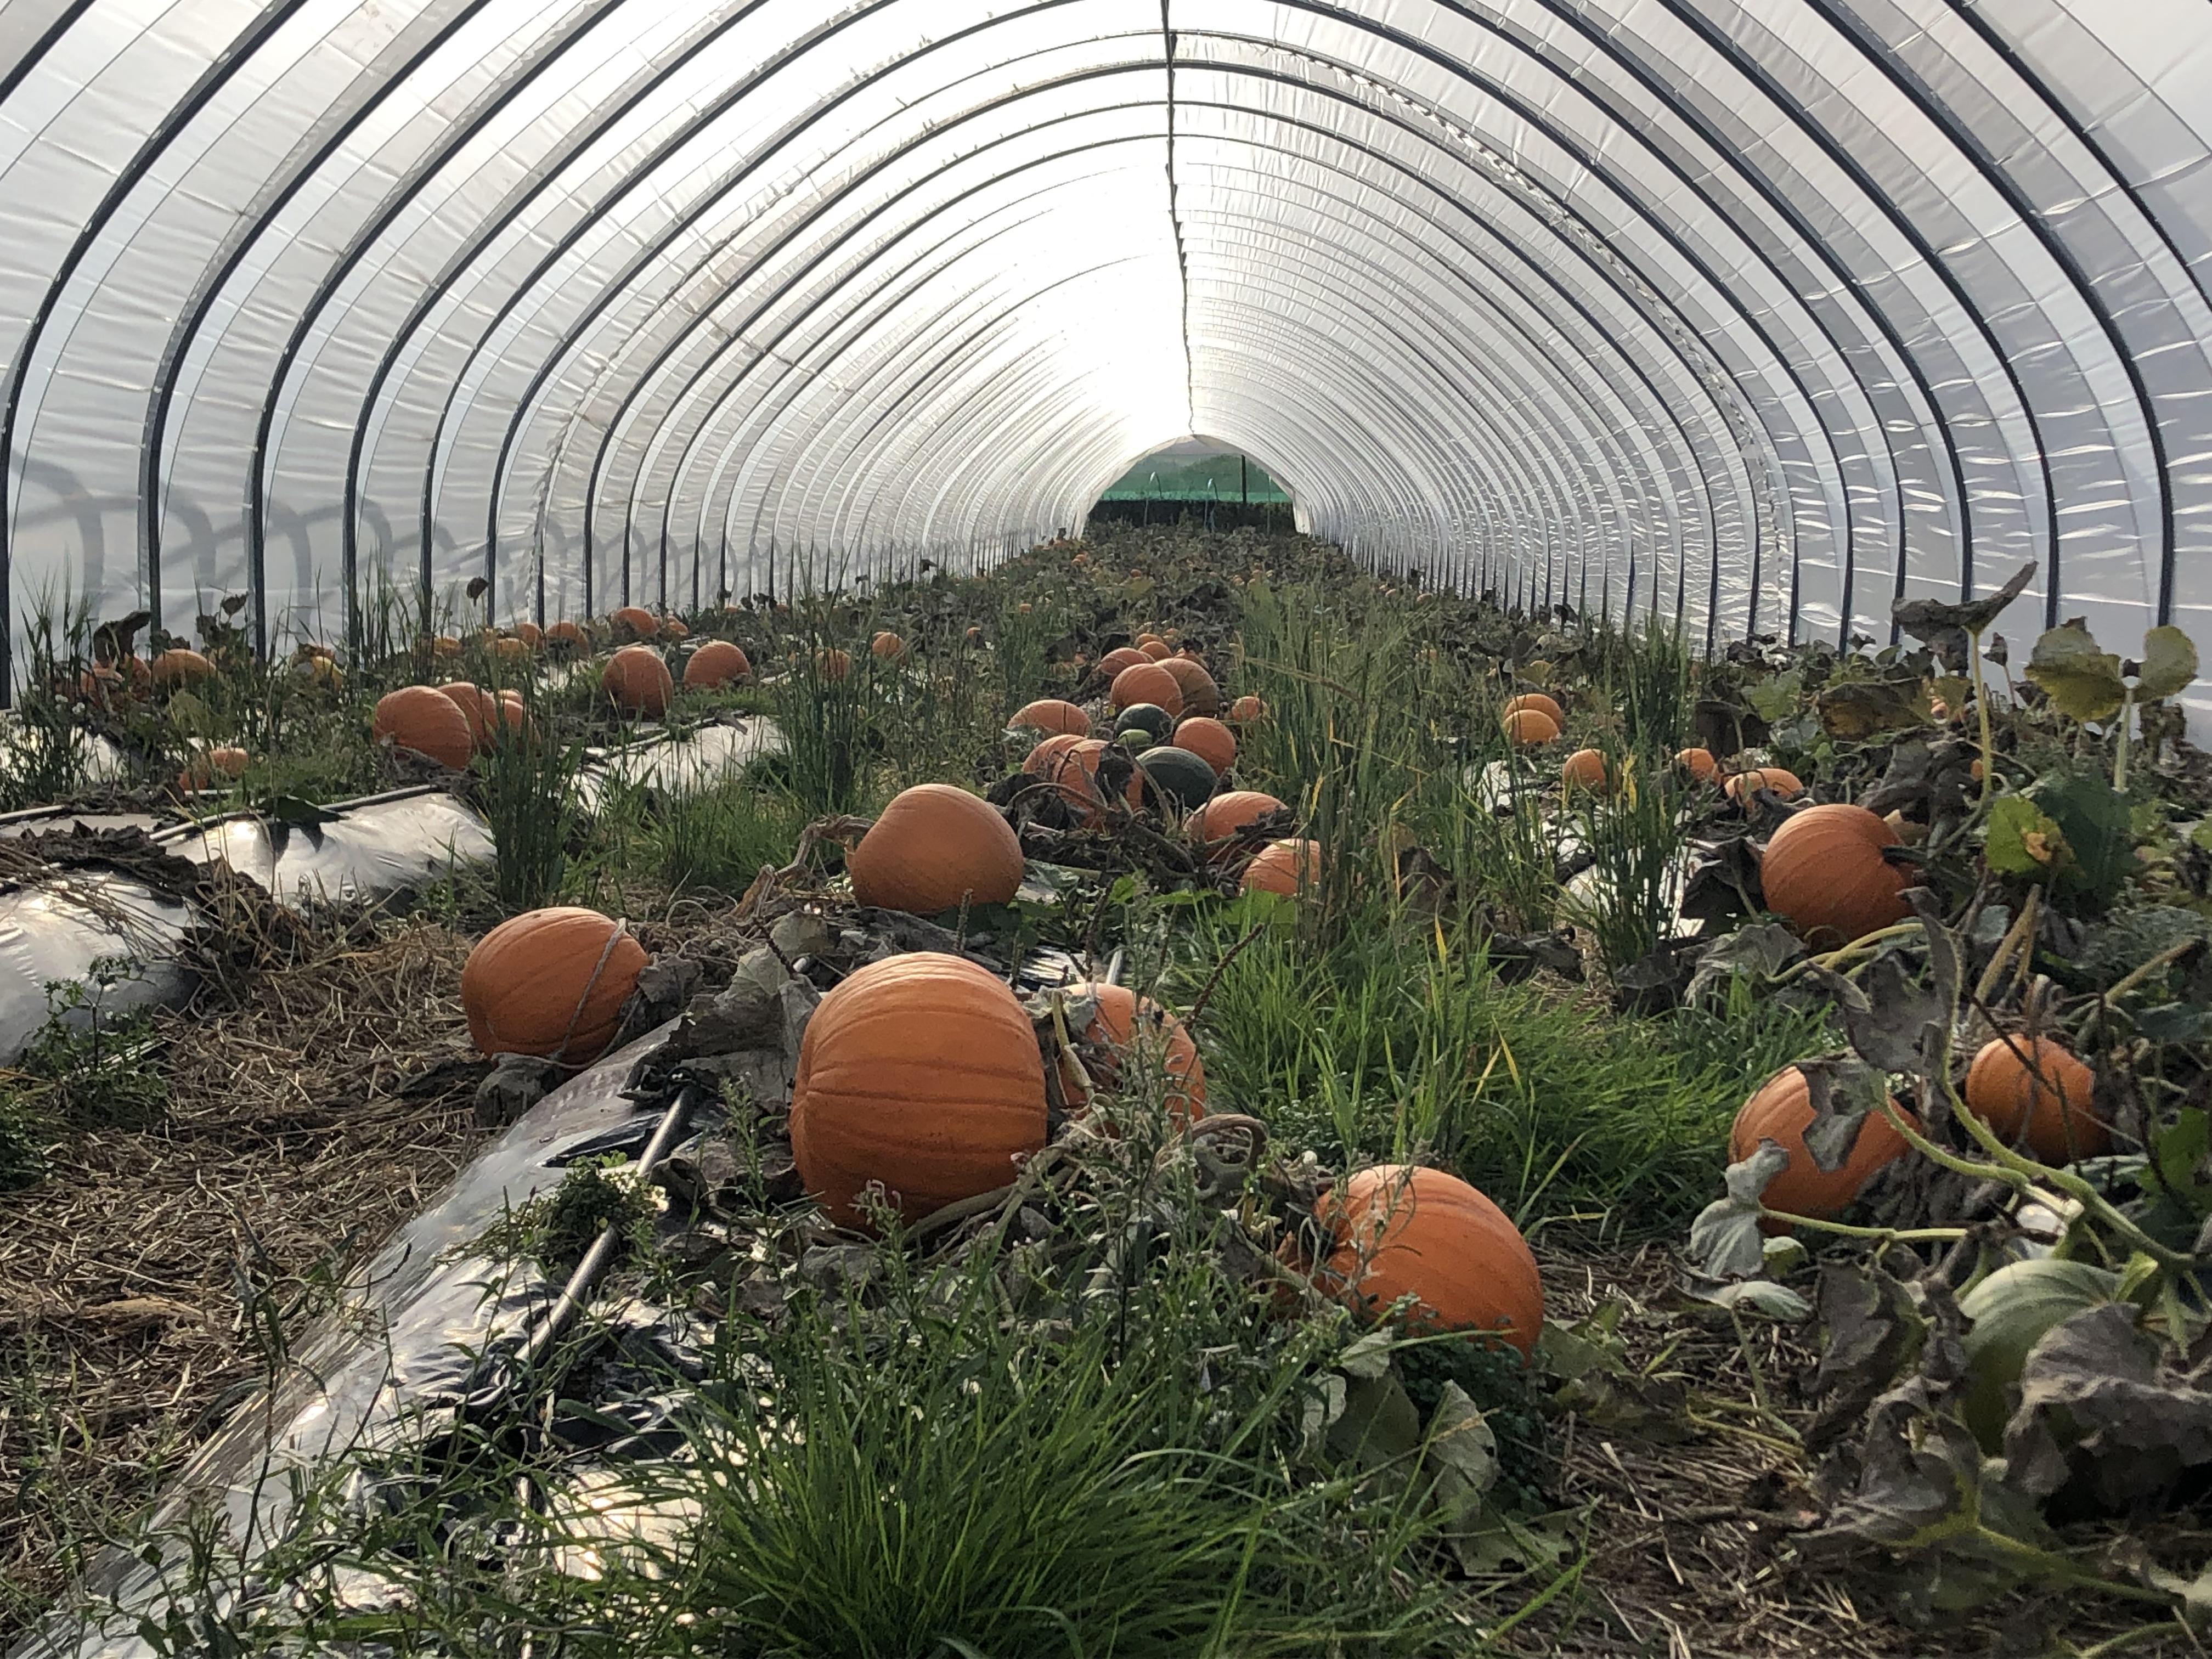 The rich crop of pumpkins at Broadslap farm, Dunning